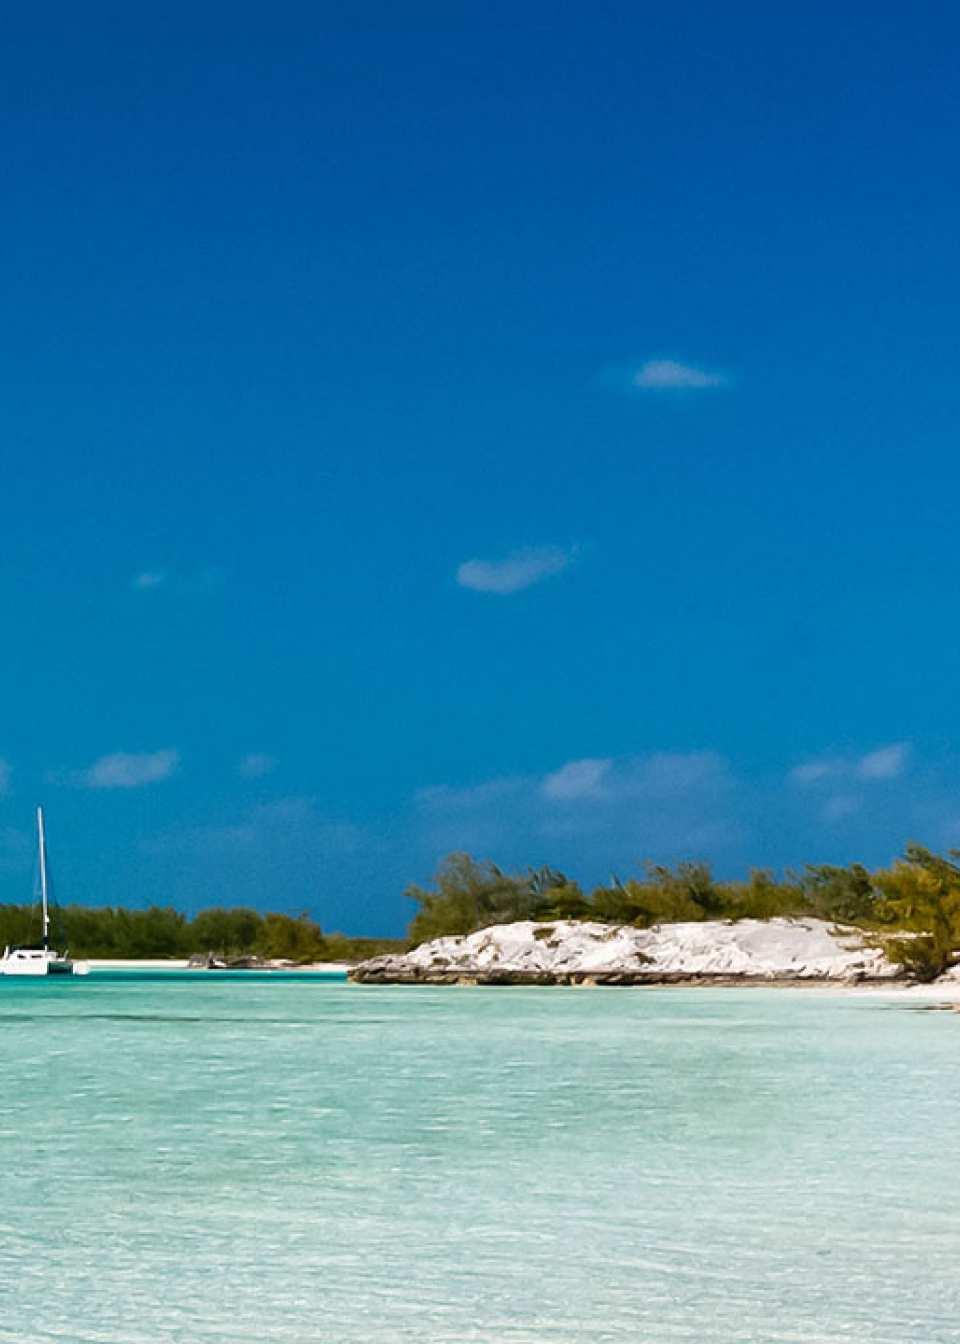 Sailing Charters In The Bahamas: Bahamas Yacht Charters & Sailing Vacations